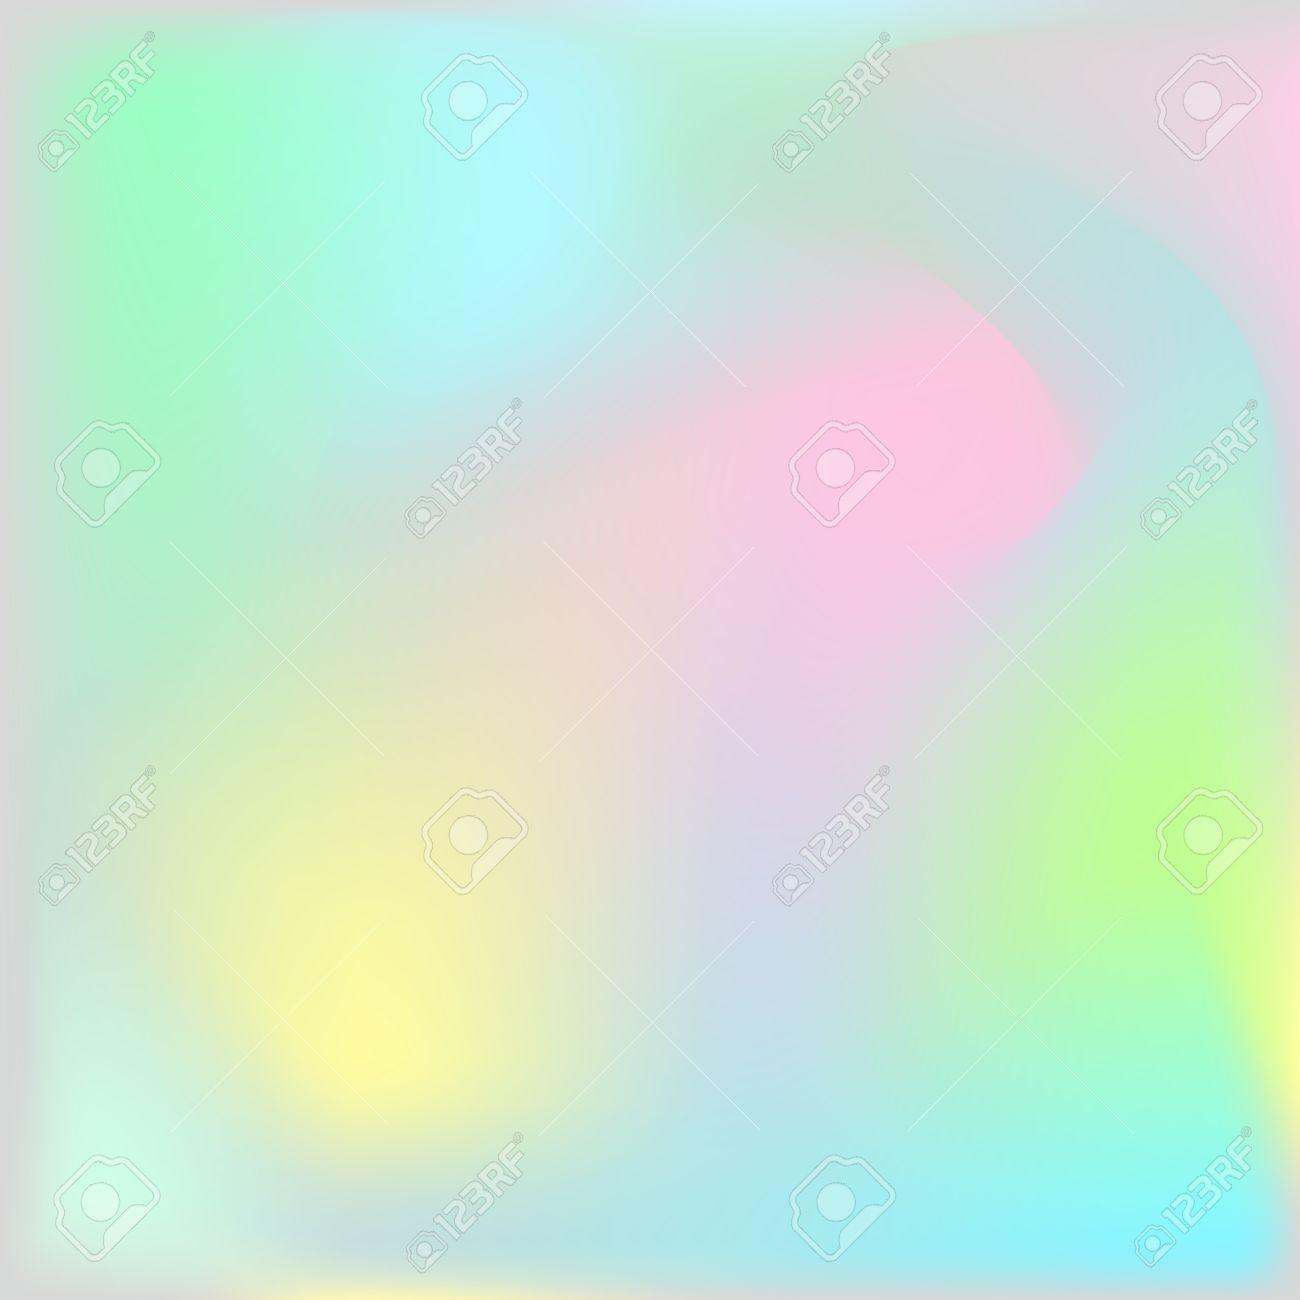 ホログラフィック テクスチャ背景 虹色に輝くホログラム ナチュラル